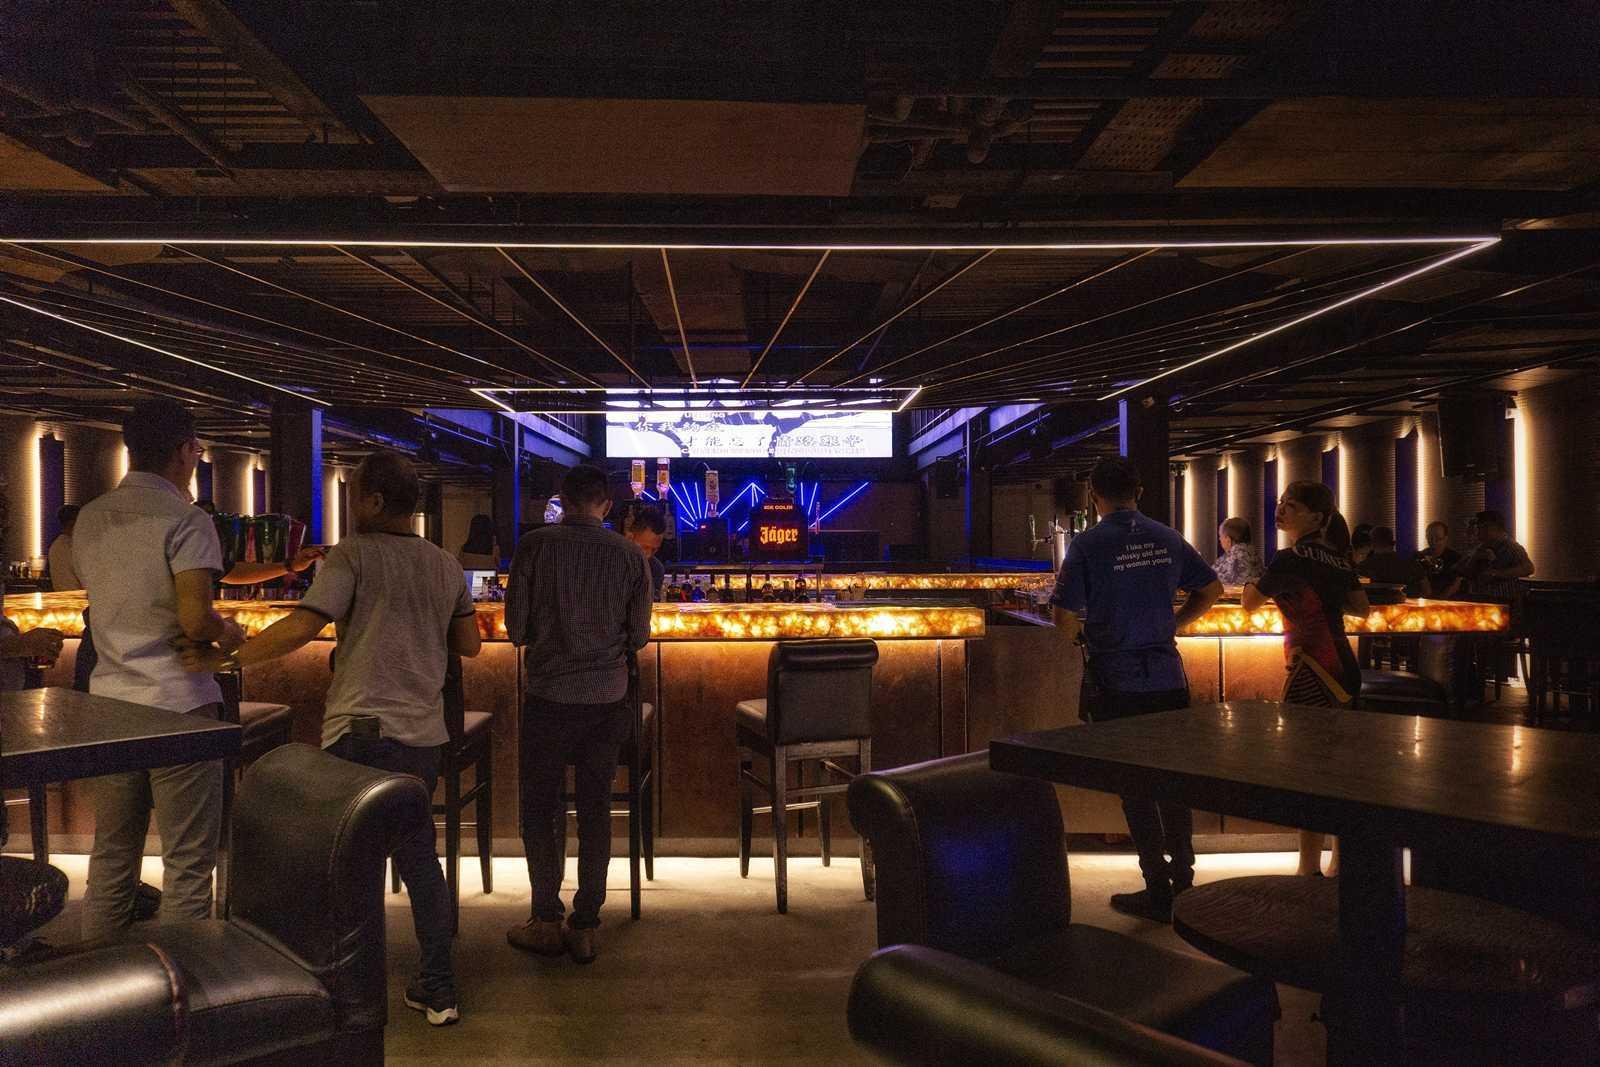 Bd Studio Shoot Club And Bar Medan, Kota Medan, Sumatera Utara, Indonesia Medan, Kota Medan, Sumatera Utara, Indonesia Bd-Studio-Shoot-Club-And-Bar   77733